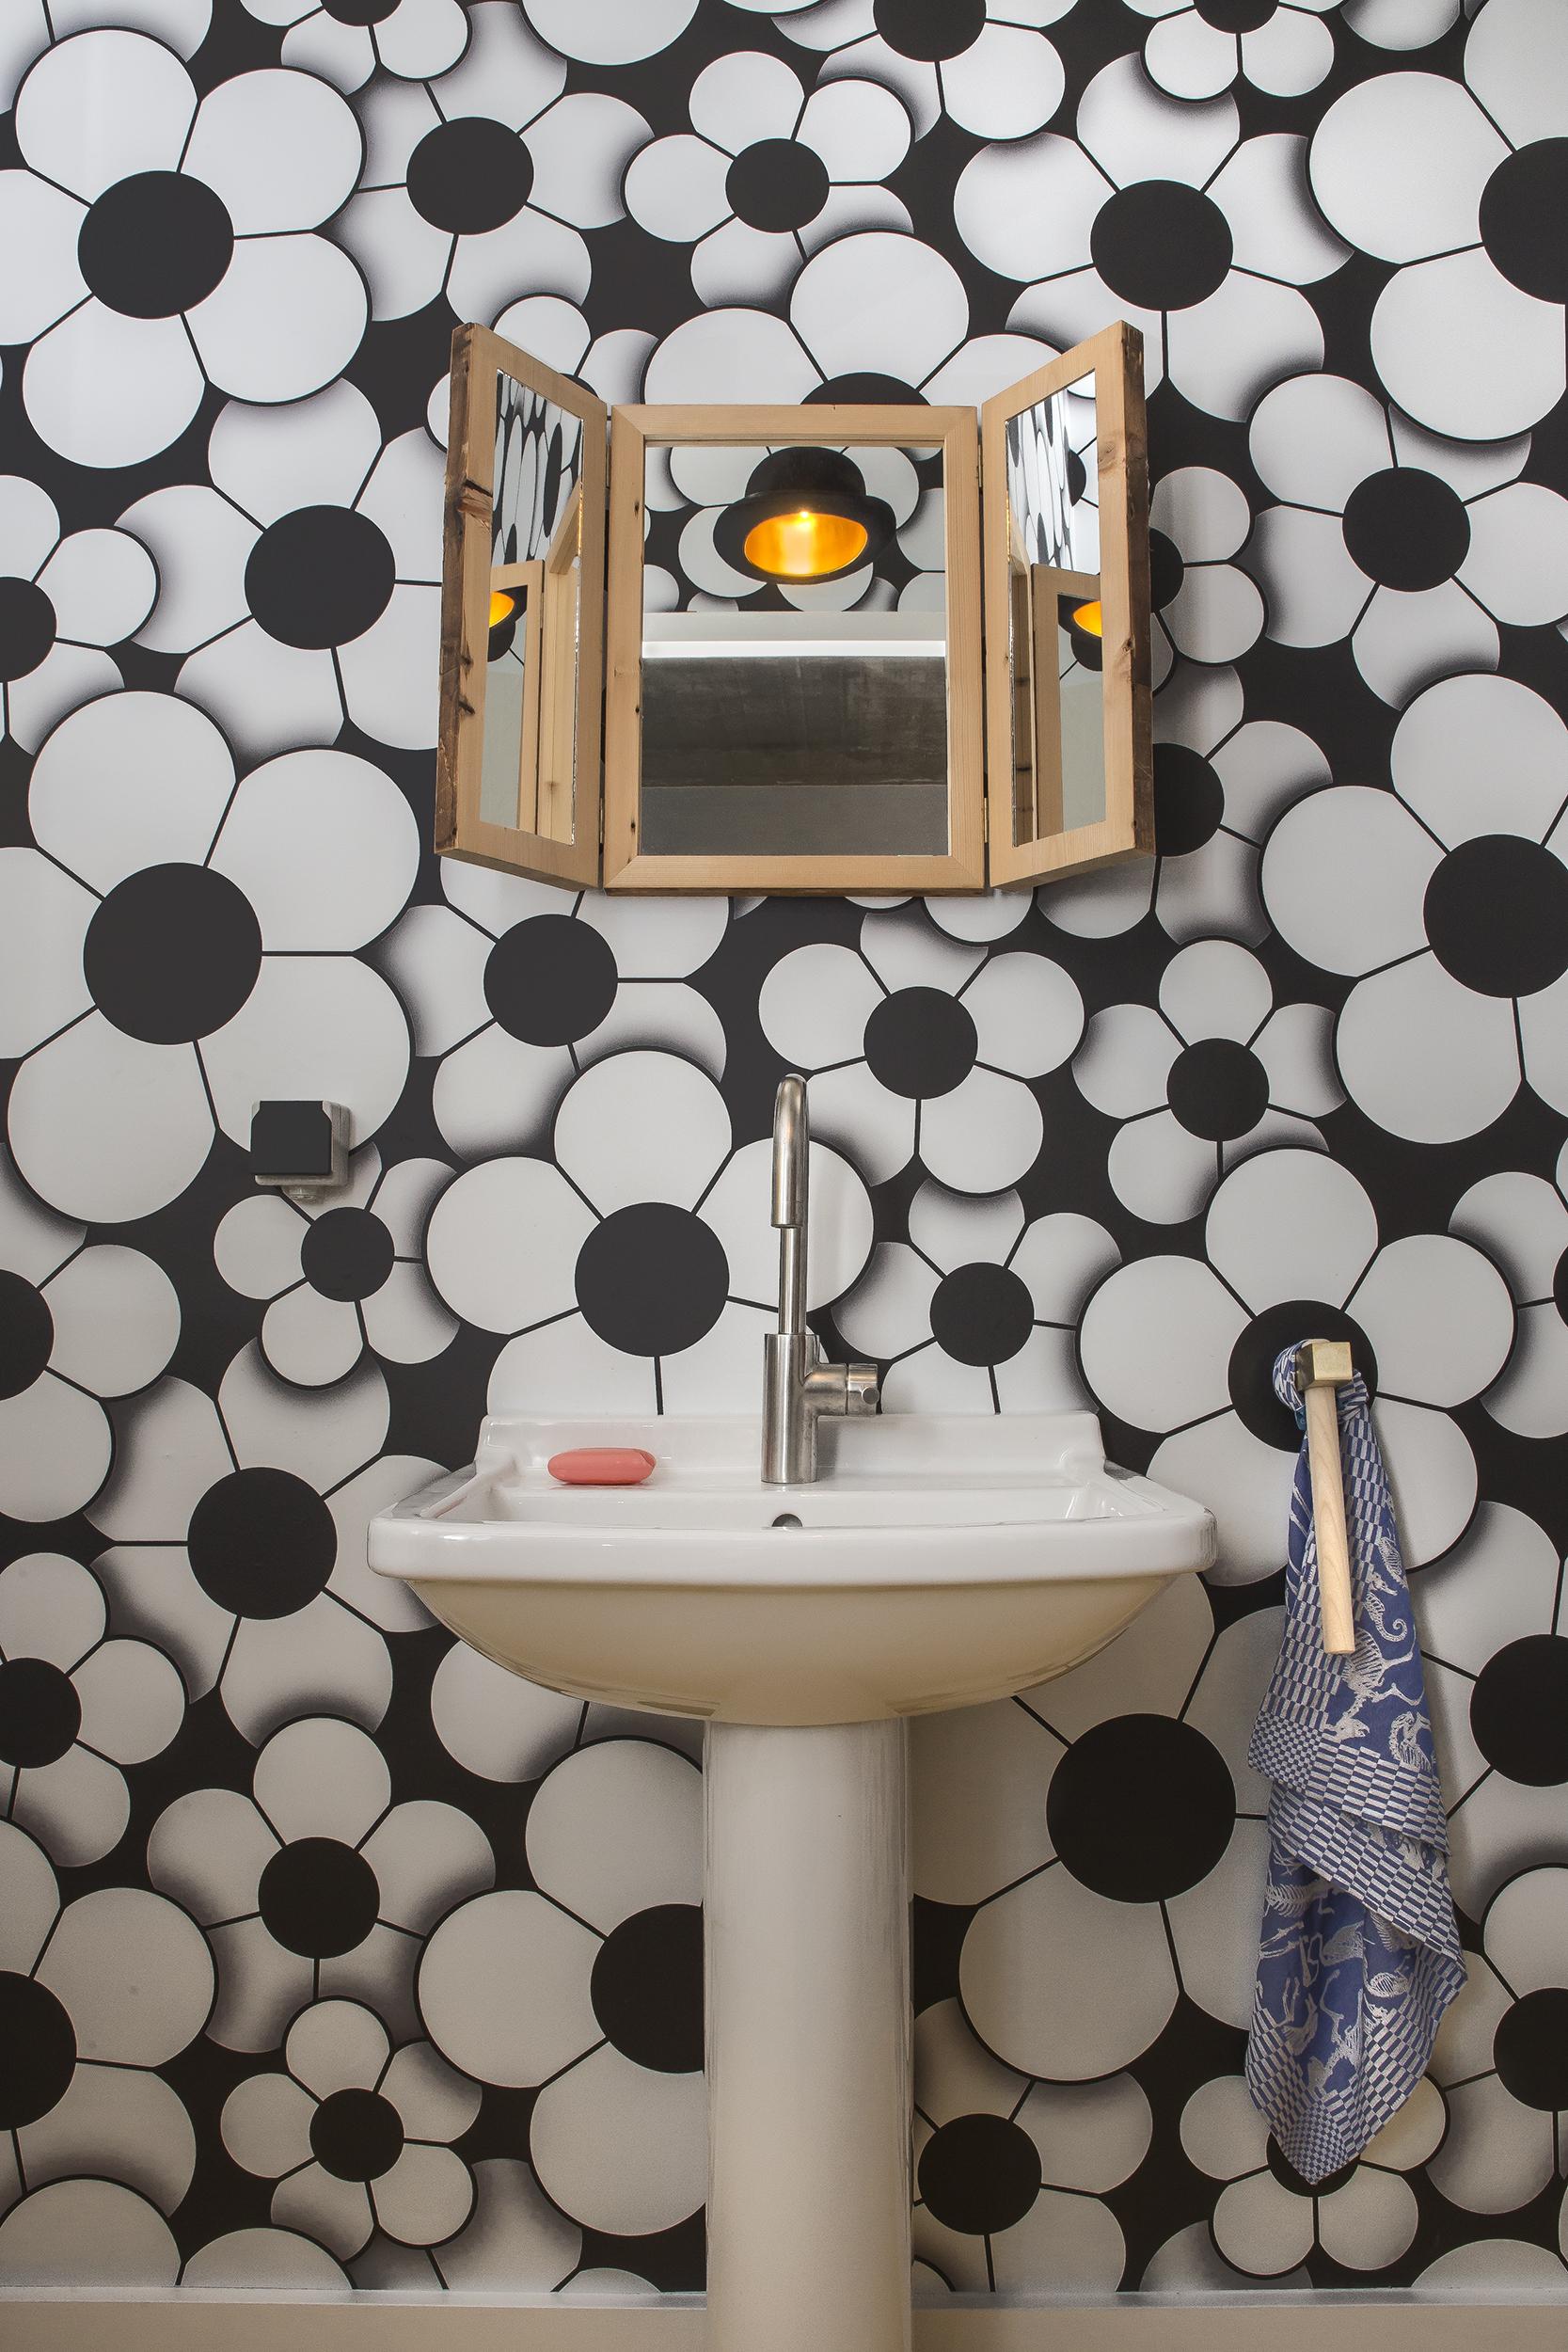 StudioJob-HQ-Guest_Bathroom